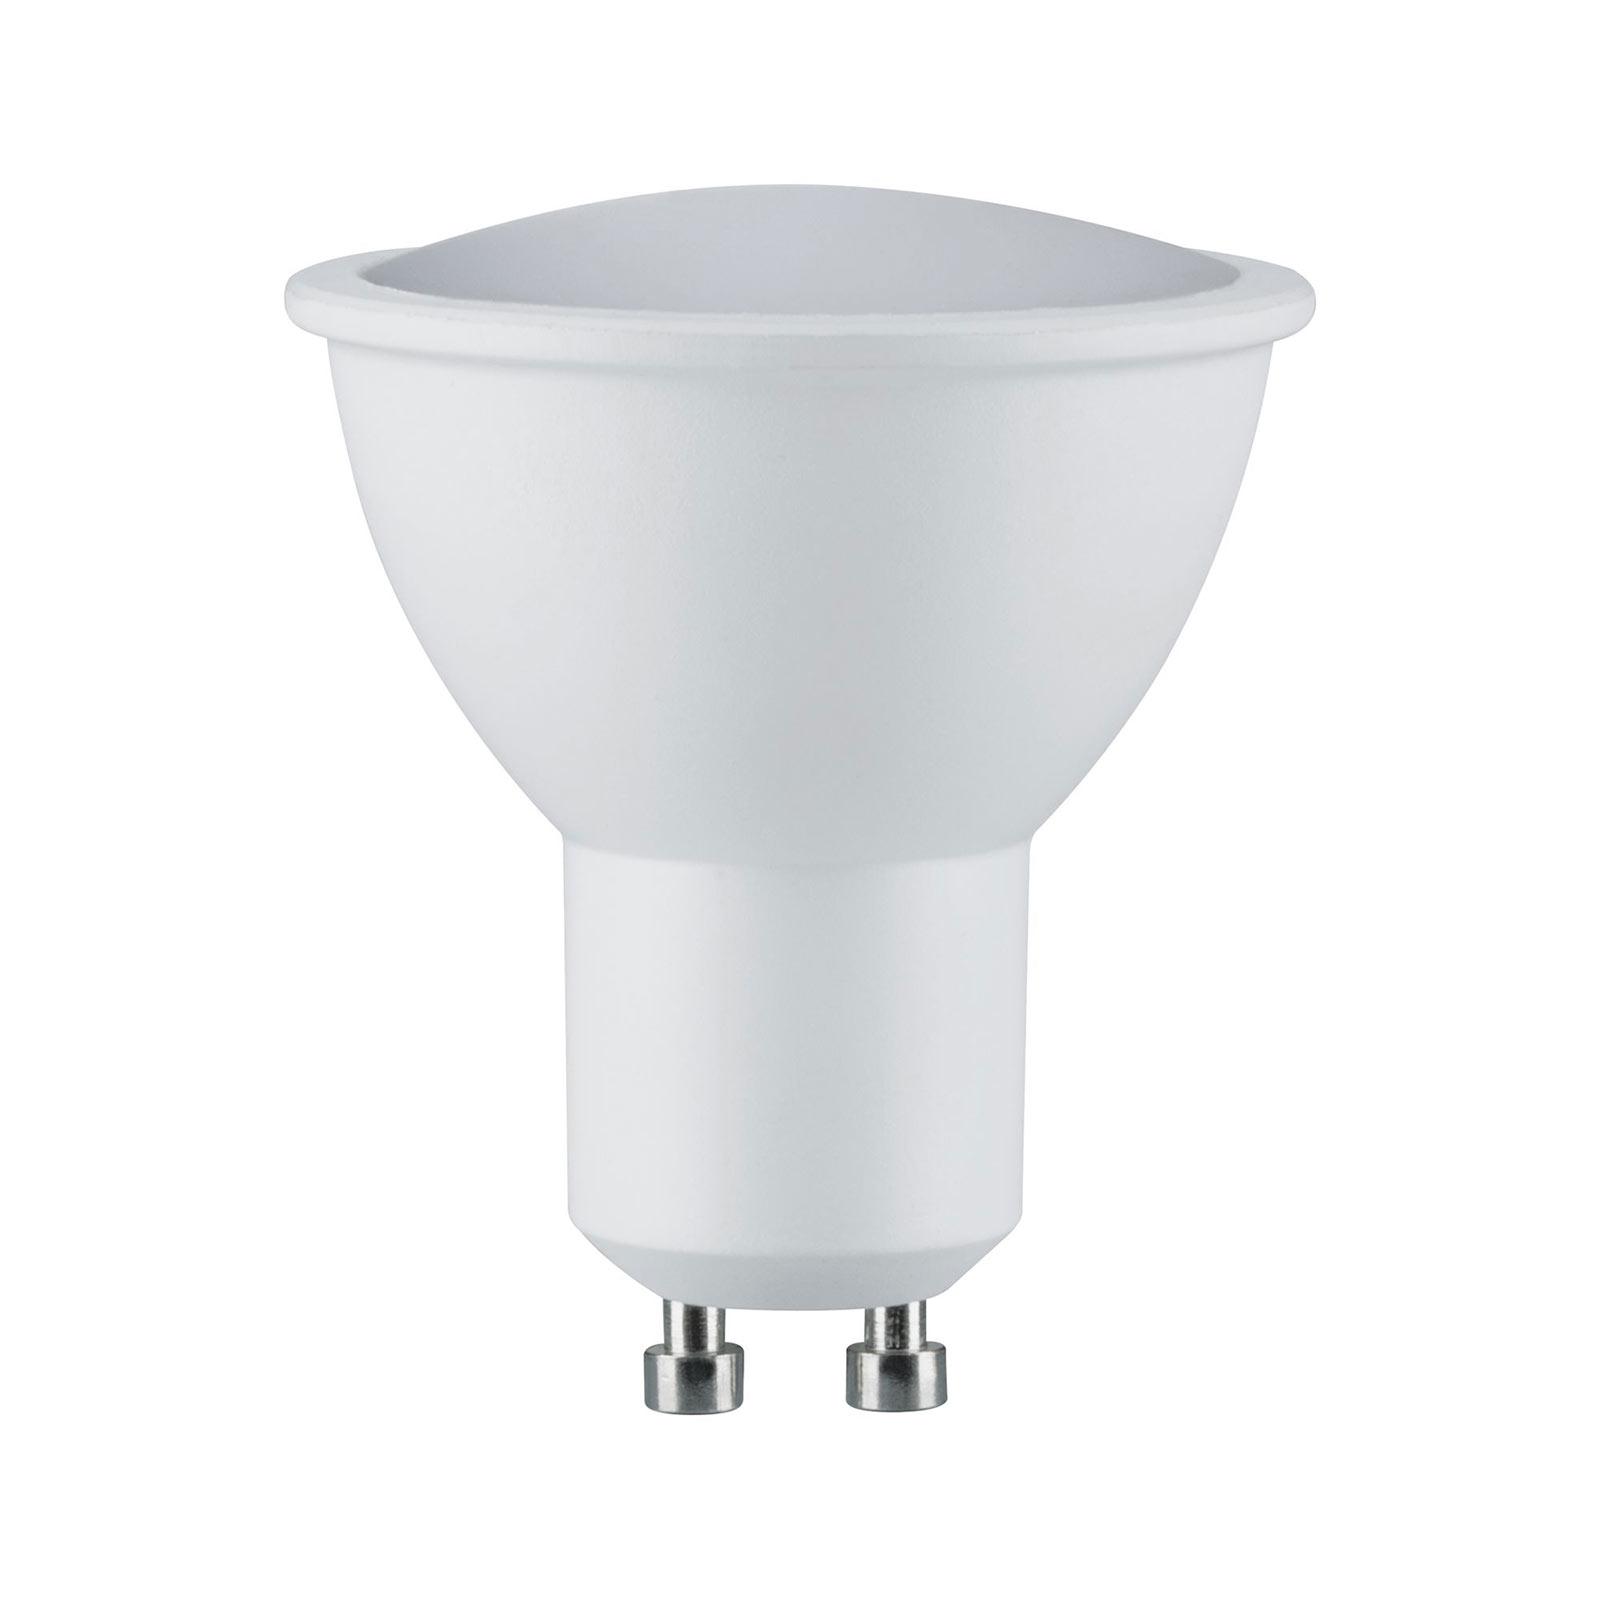 Paulmann LED-reflektor GU10 5,5W, 2700K easyDim